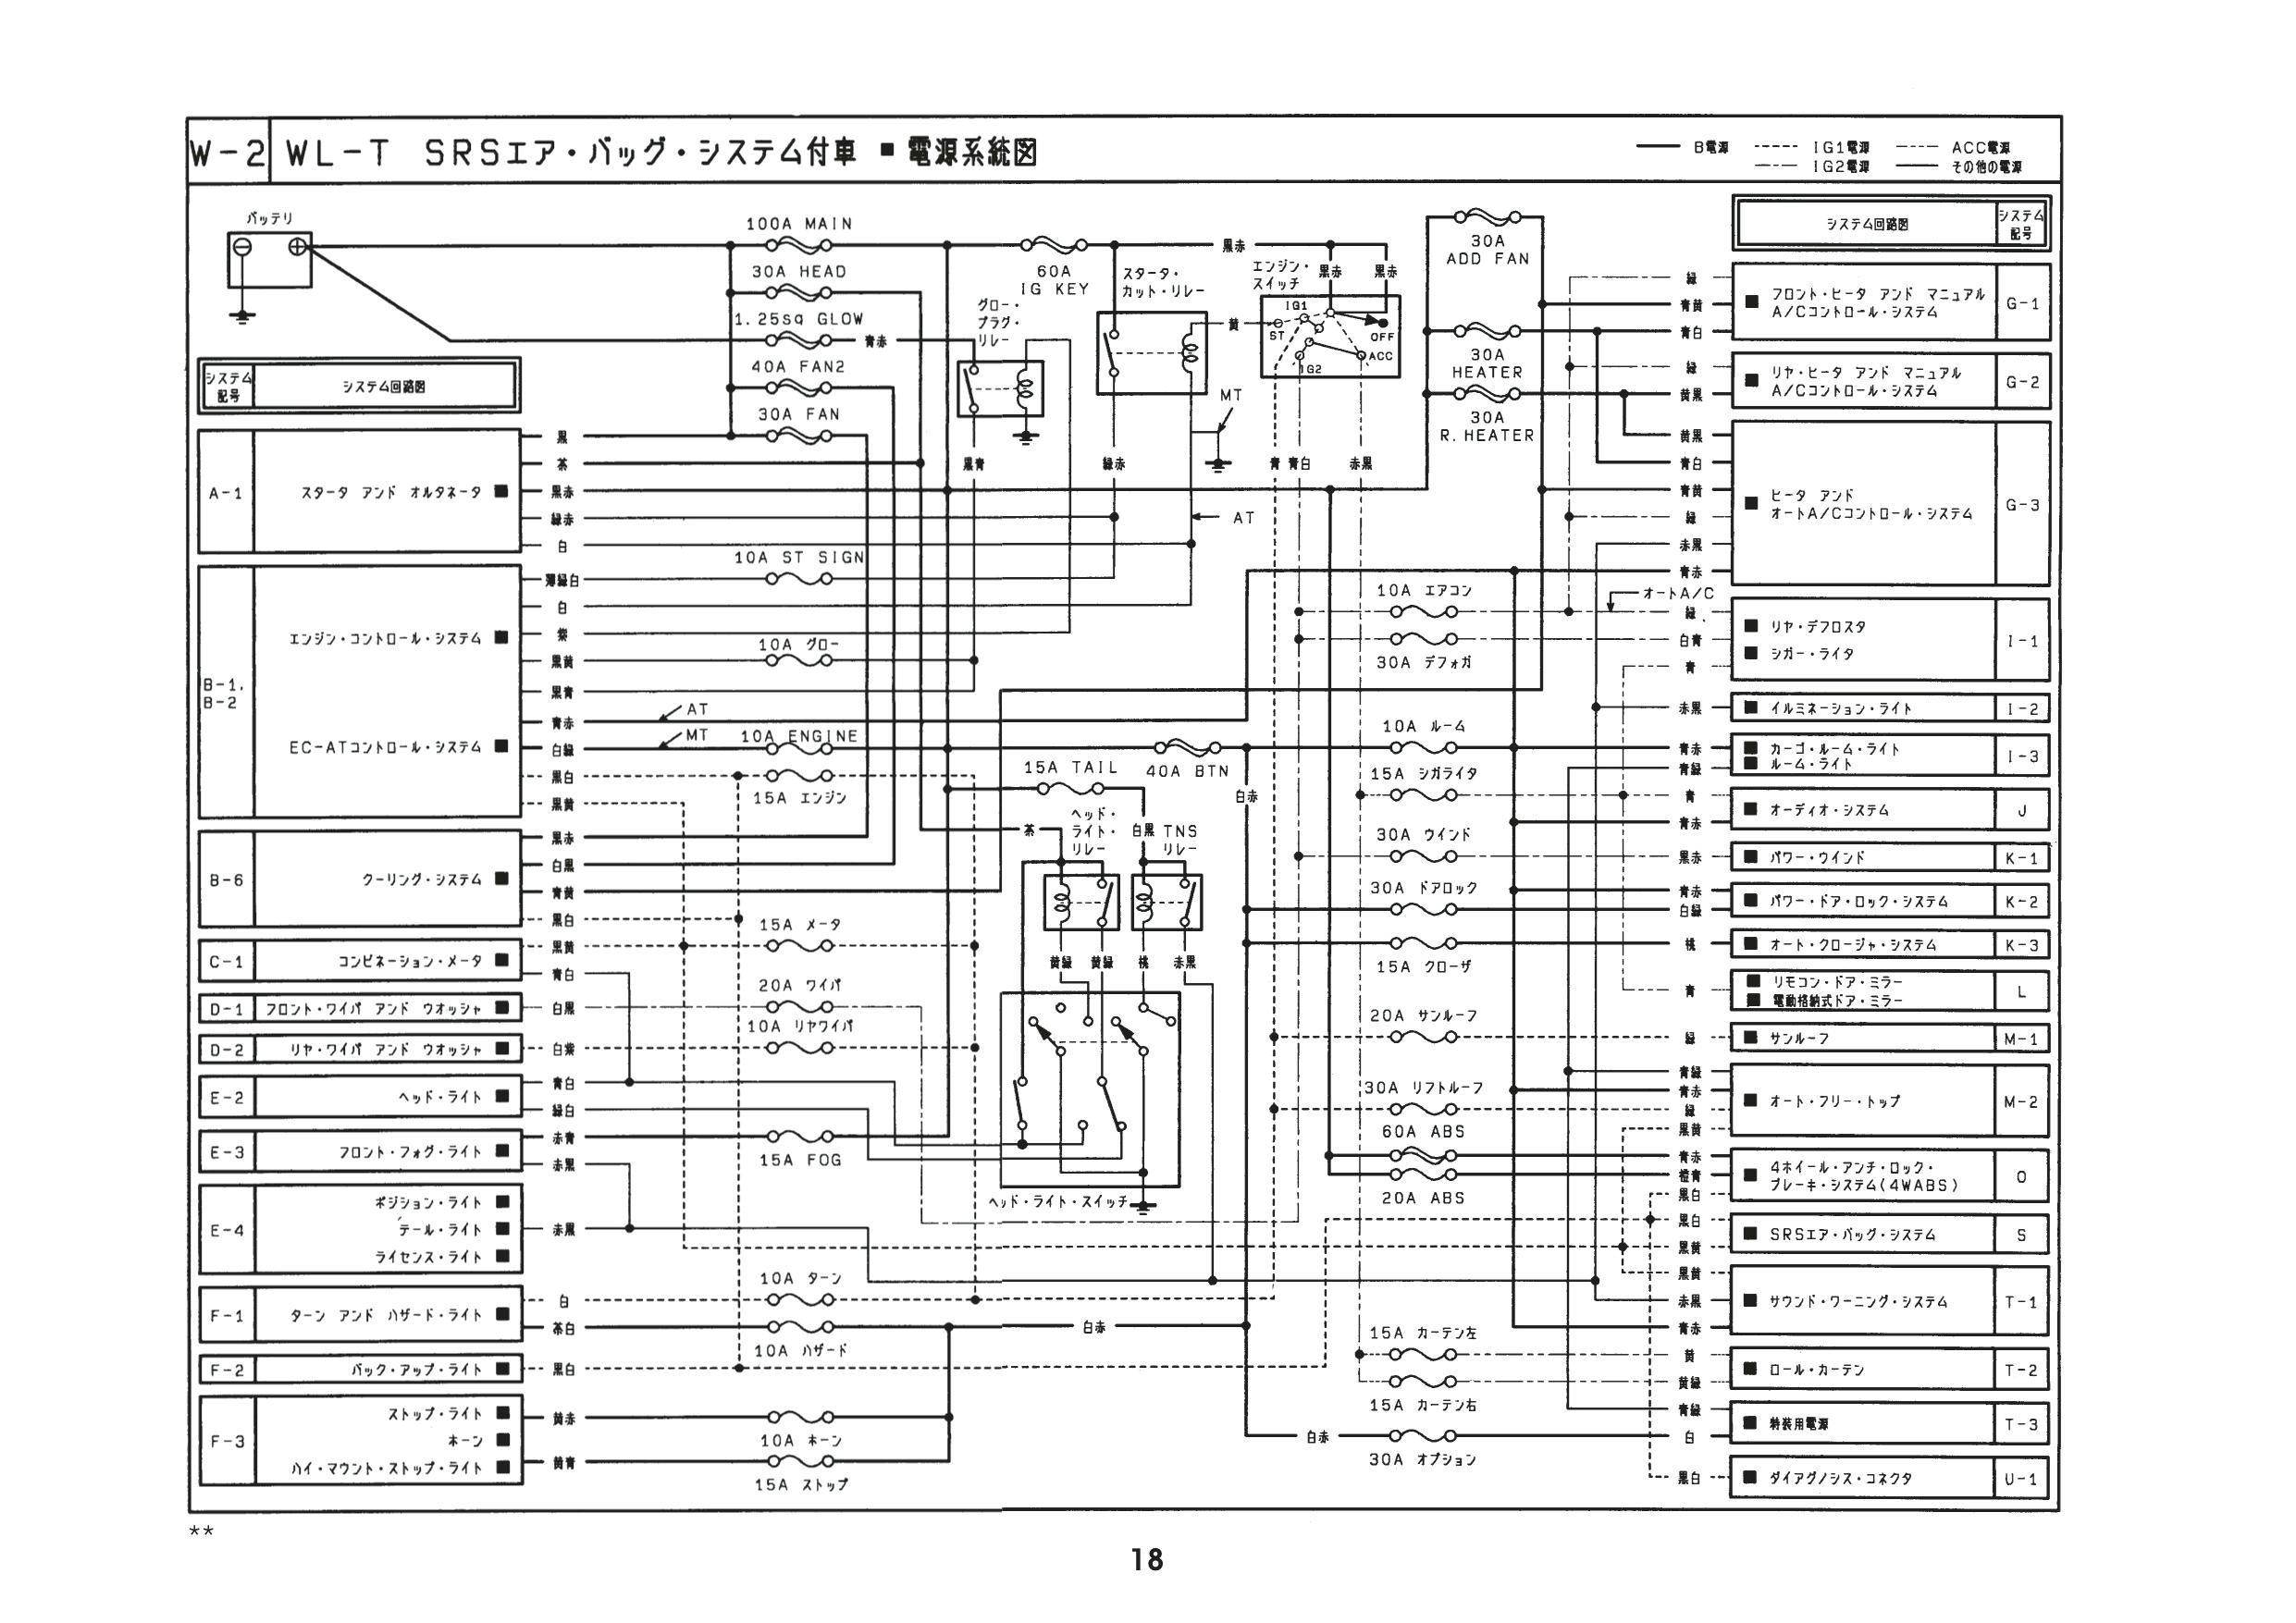 Mazda Bongo Engine Diagram 1999 Millenia Wiring Schematics Ziemlich Schaltplan Bilder Elektrische Of